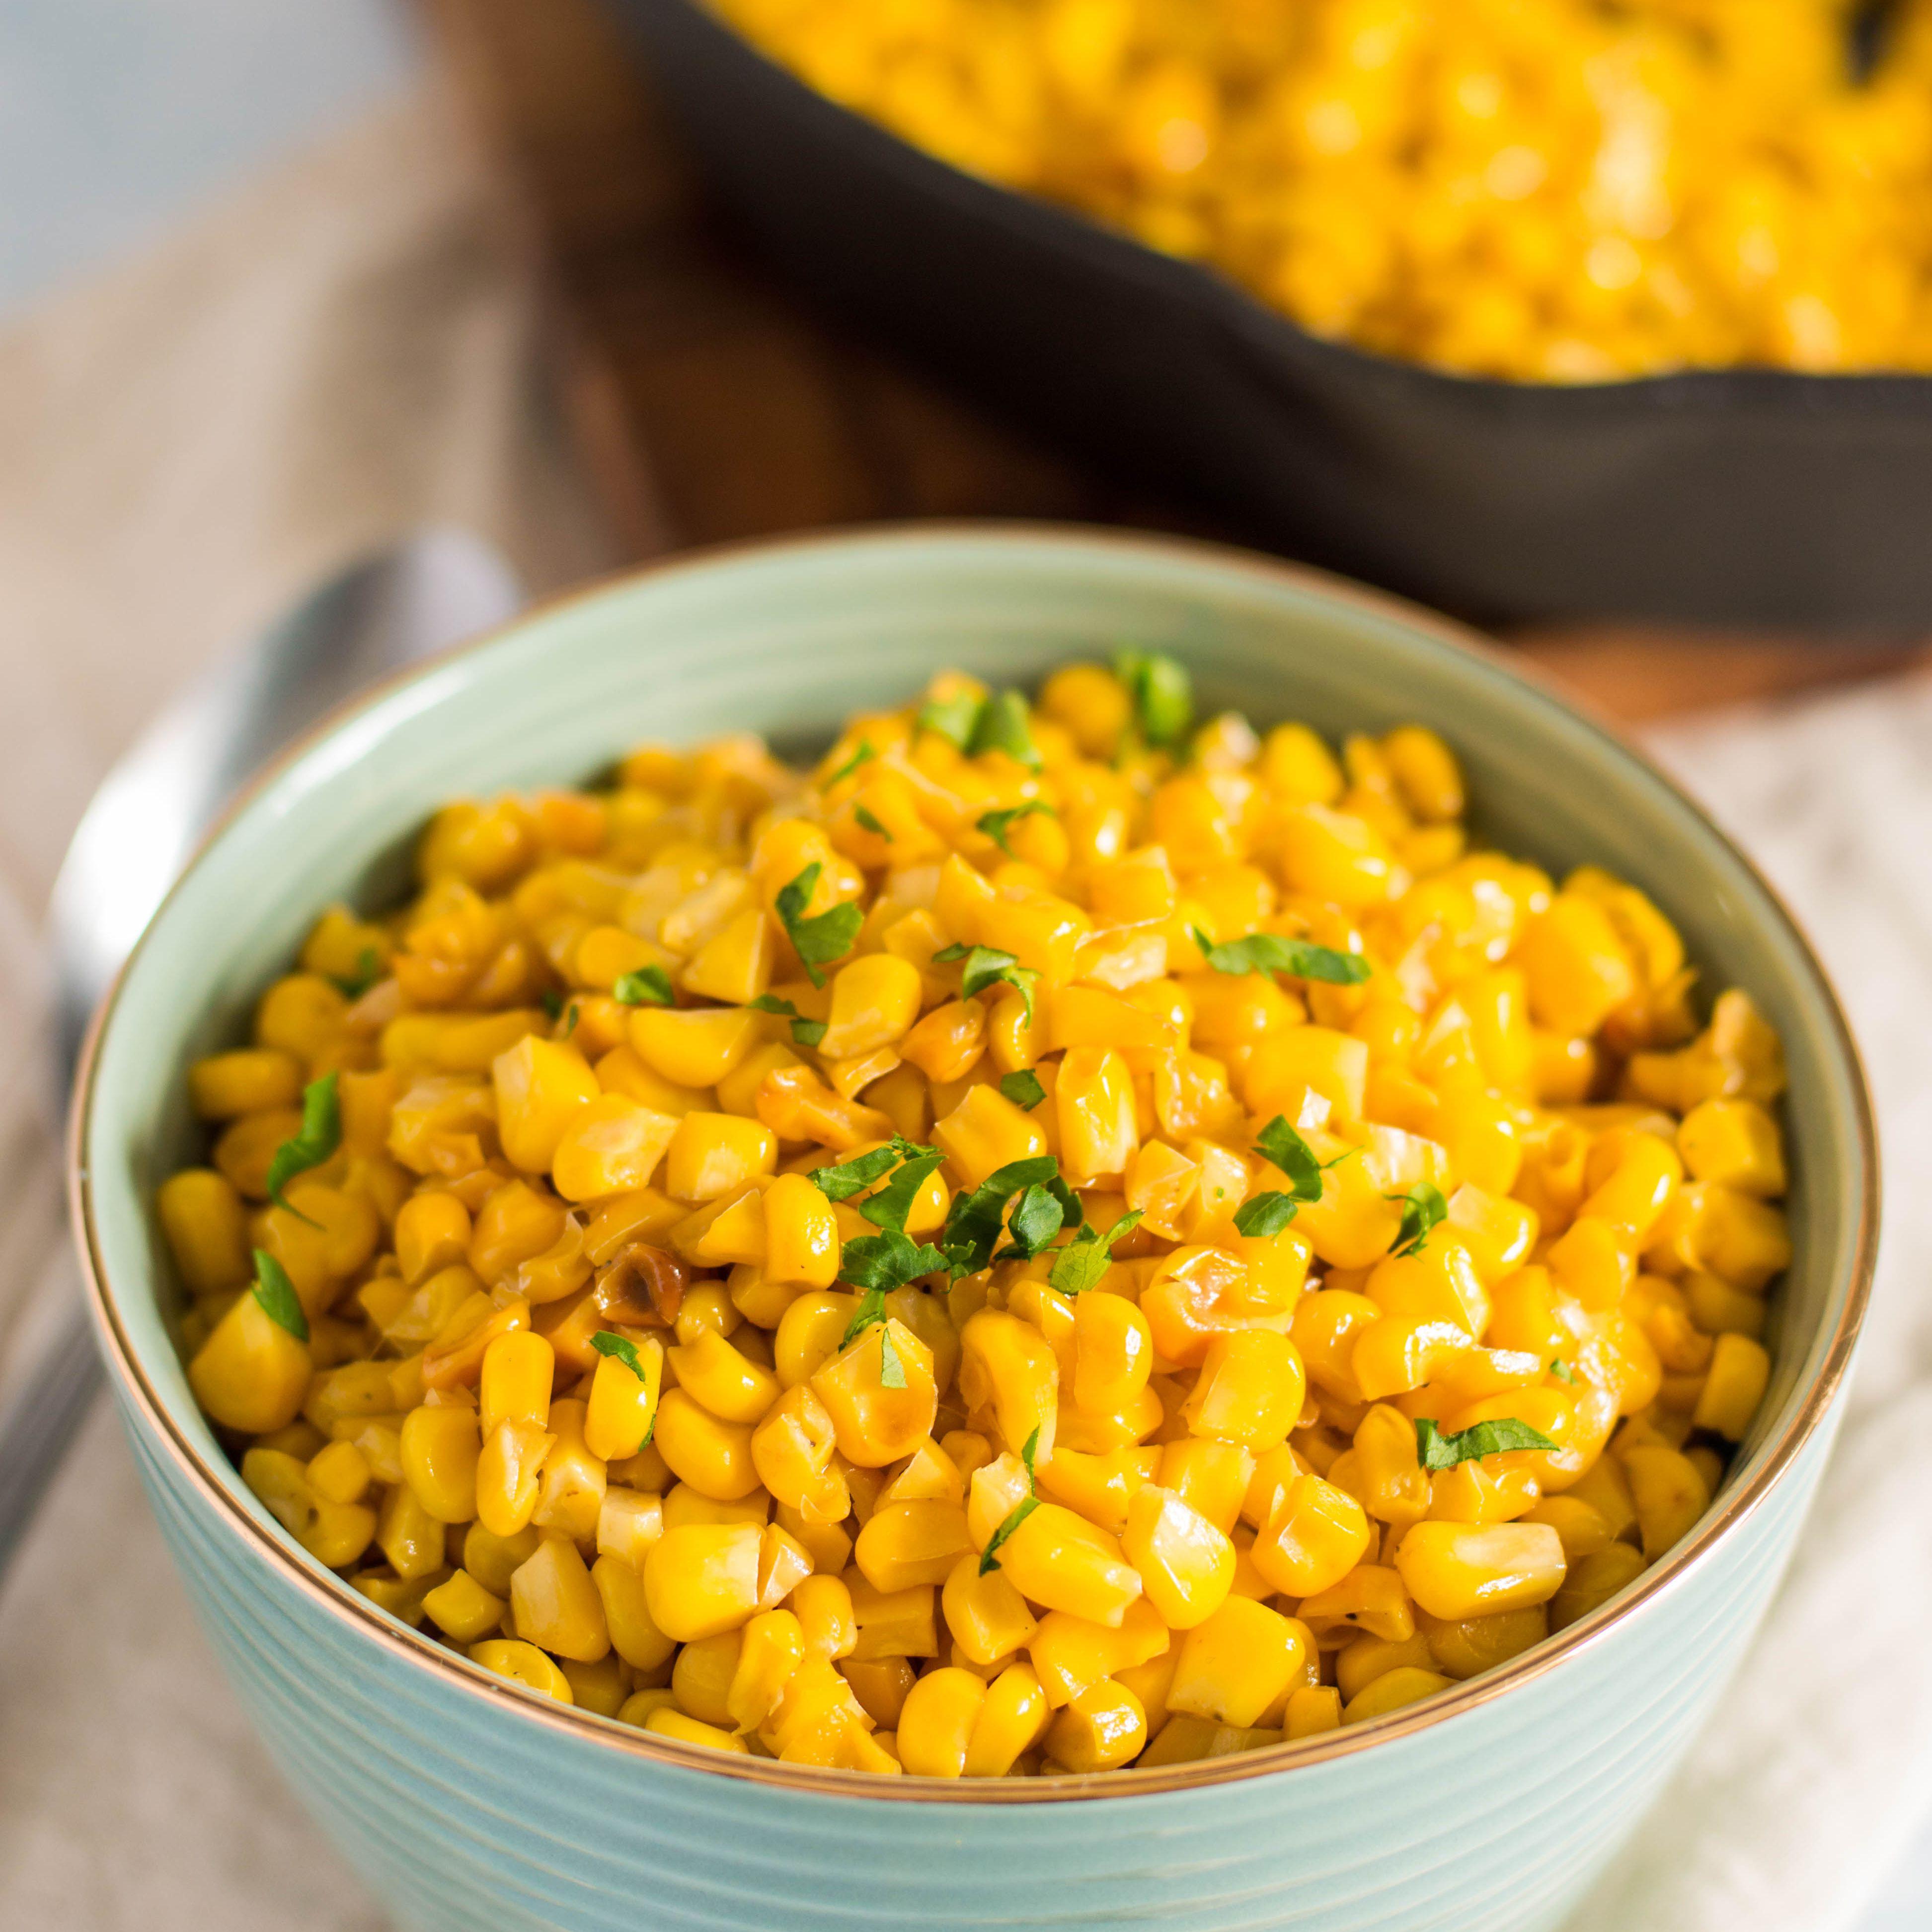 Classic Skillet-Fried Corn Recipe